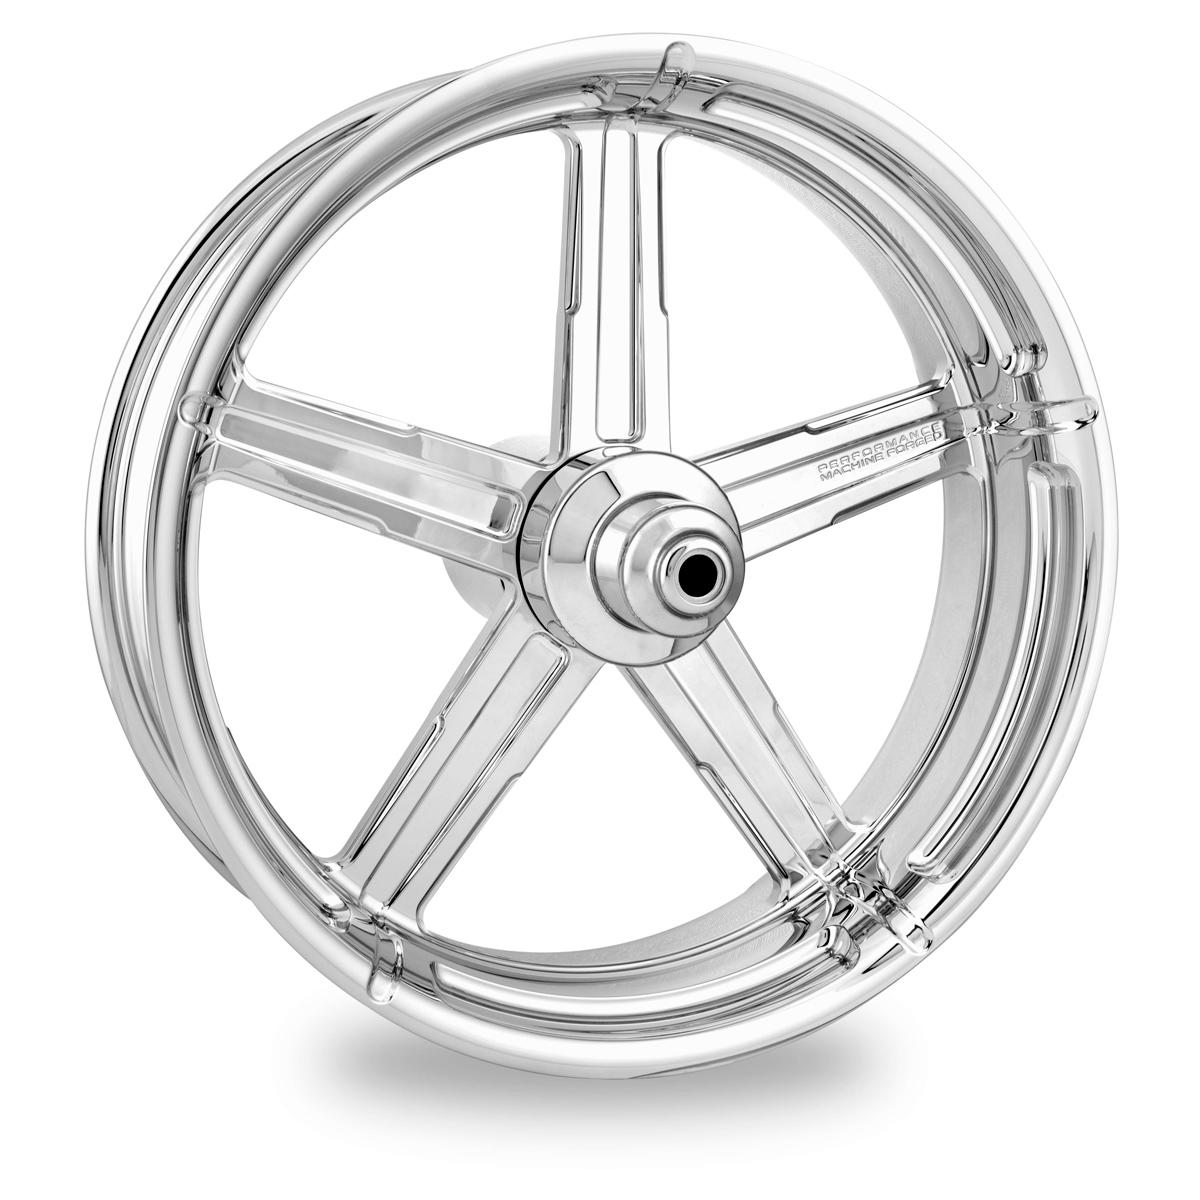 Performance Machine Formula Chrome Rear Wheel 17x6 Non-ABS